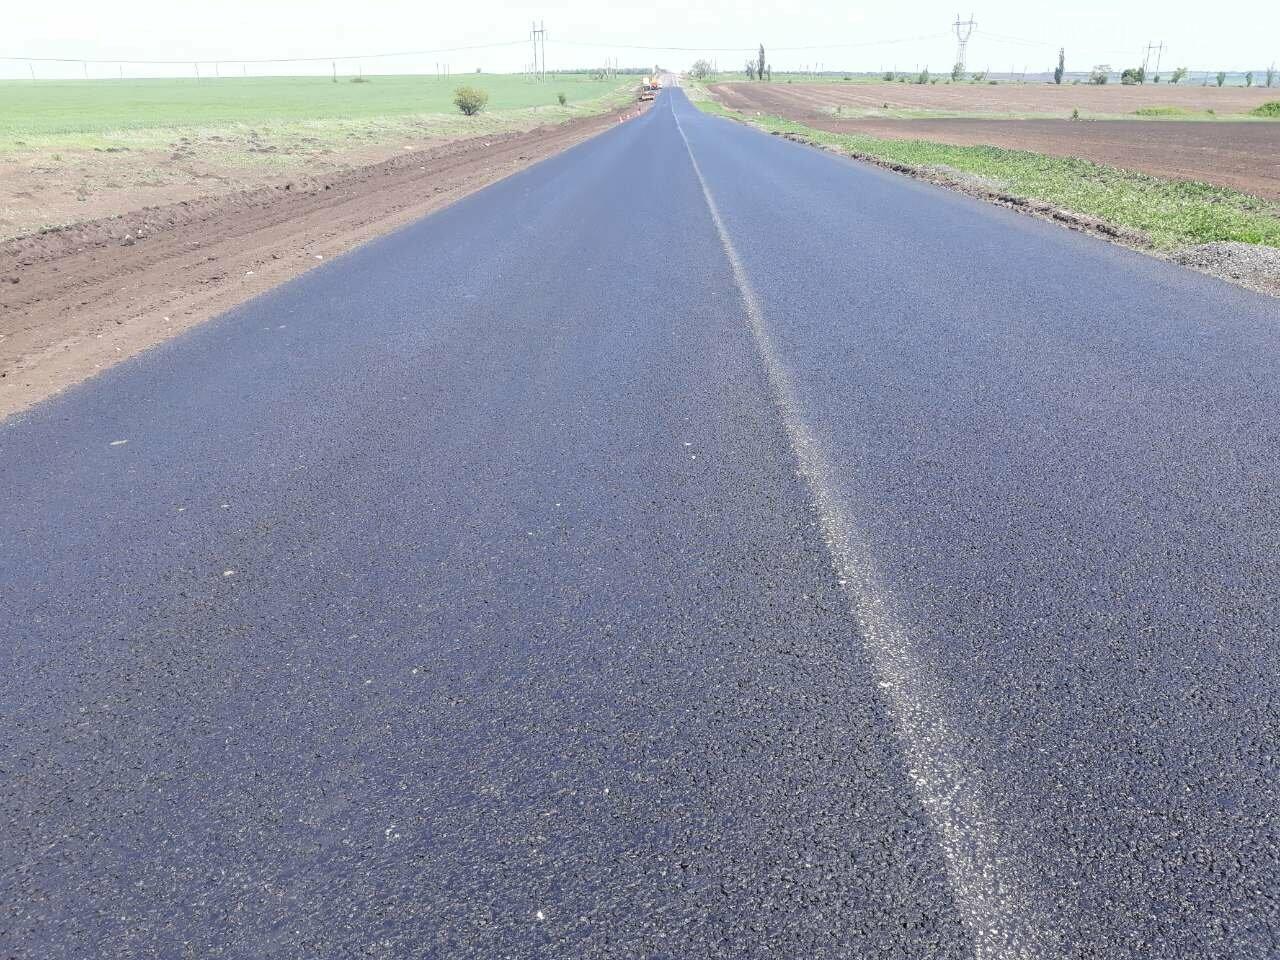 Безпека руху: між Мирноградом та Костянтинівкою відремонтовано 4 км національної траси Н-32, фото-3